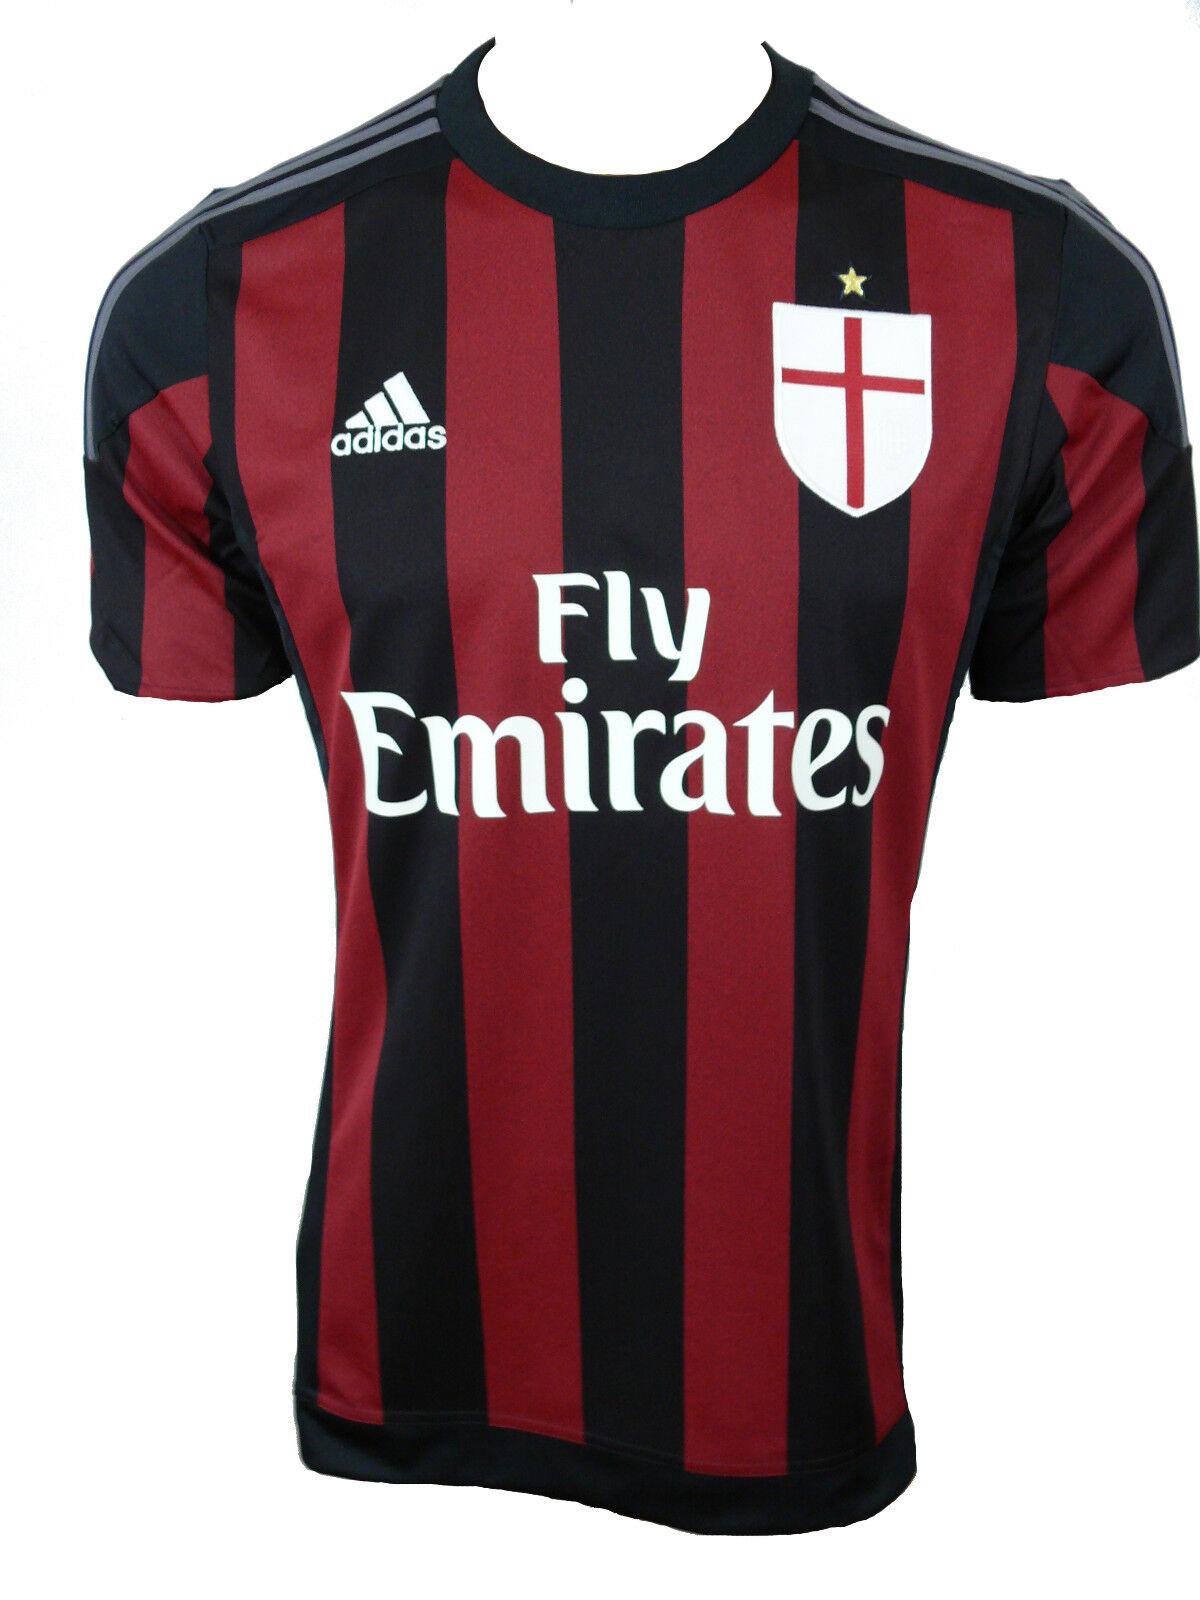 Adidas AC AC AC Mailand Milan Trikot Jersey S11836 Gr.XS 15e088